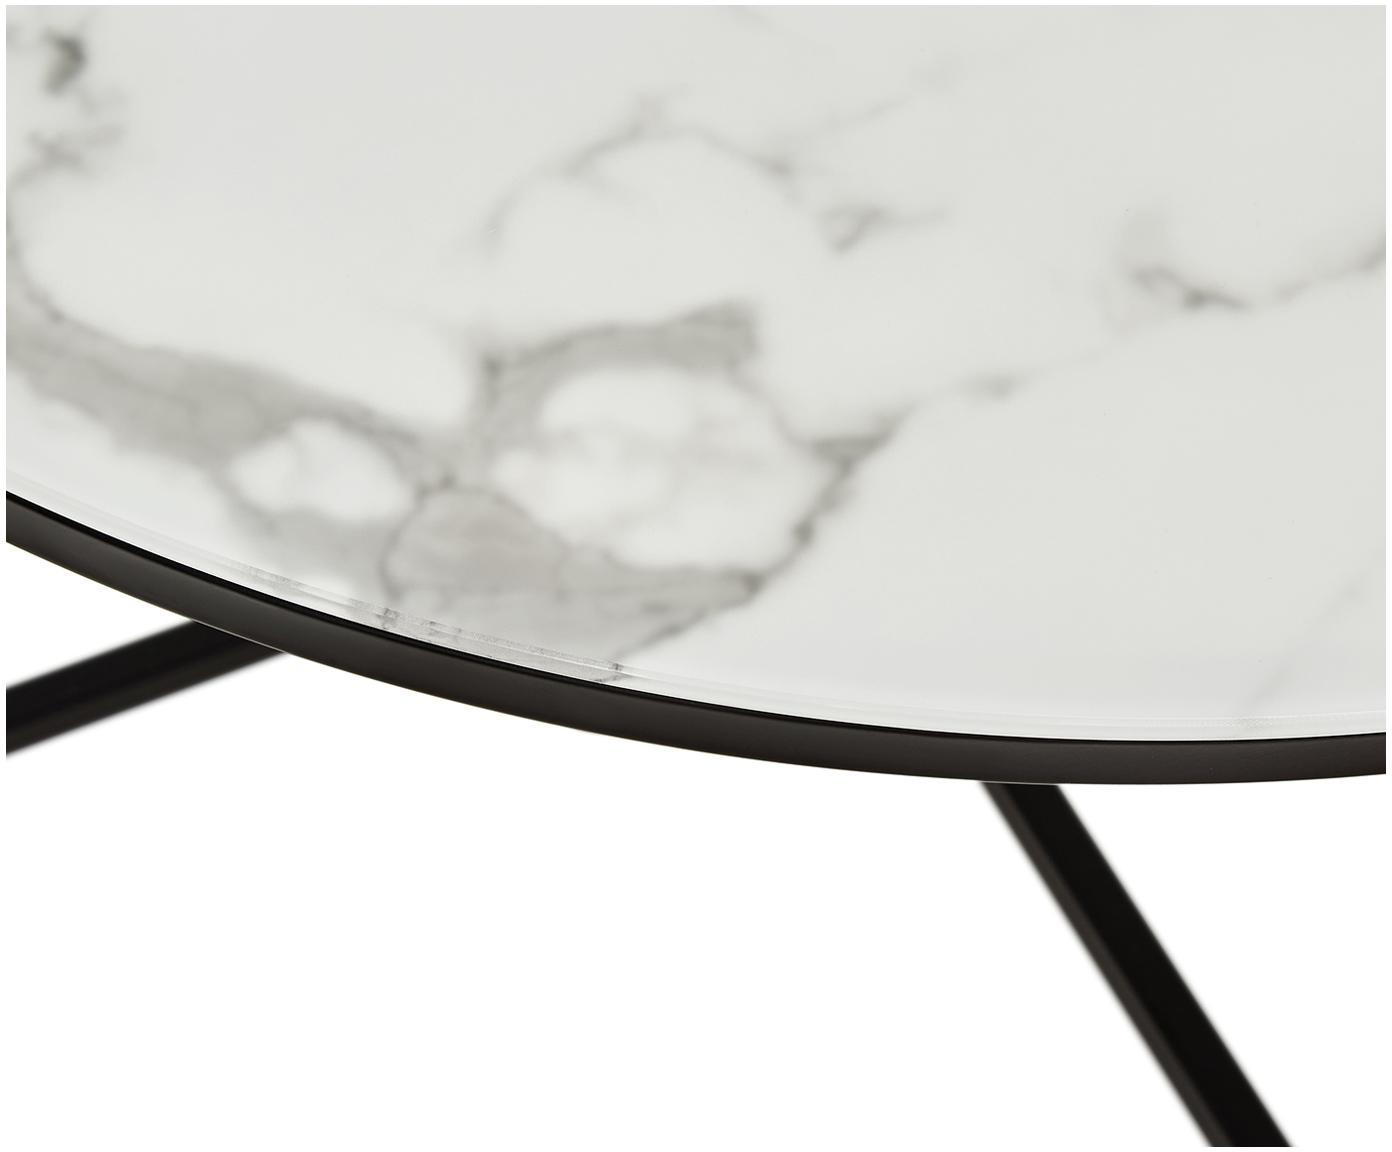 Stolik kawowy ze szklanym blatem Antigua, Blat: szkło, matowy nadruk, Stelaż: stal malowana proszkowo, Białoszary marmurowy, czarny, Ø 80 x W 45 cm